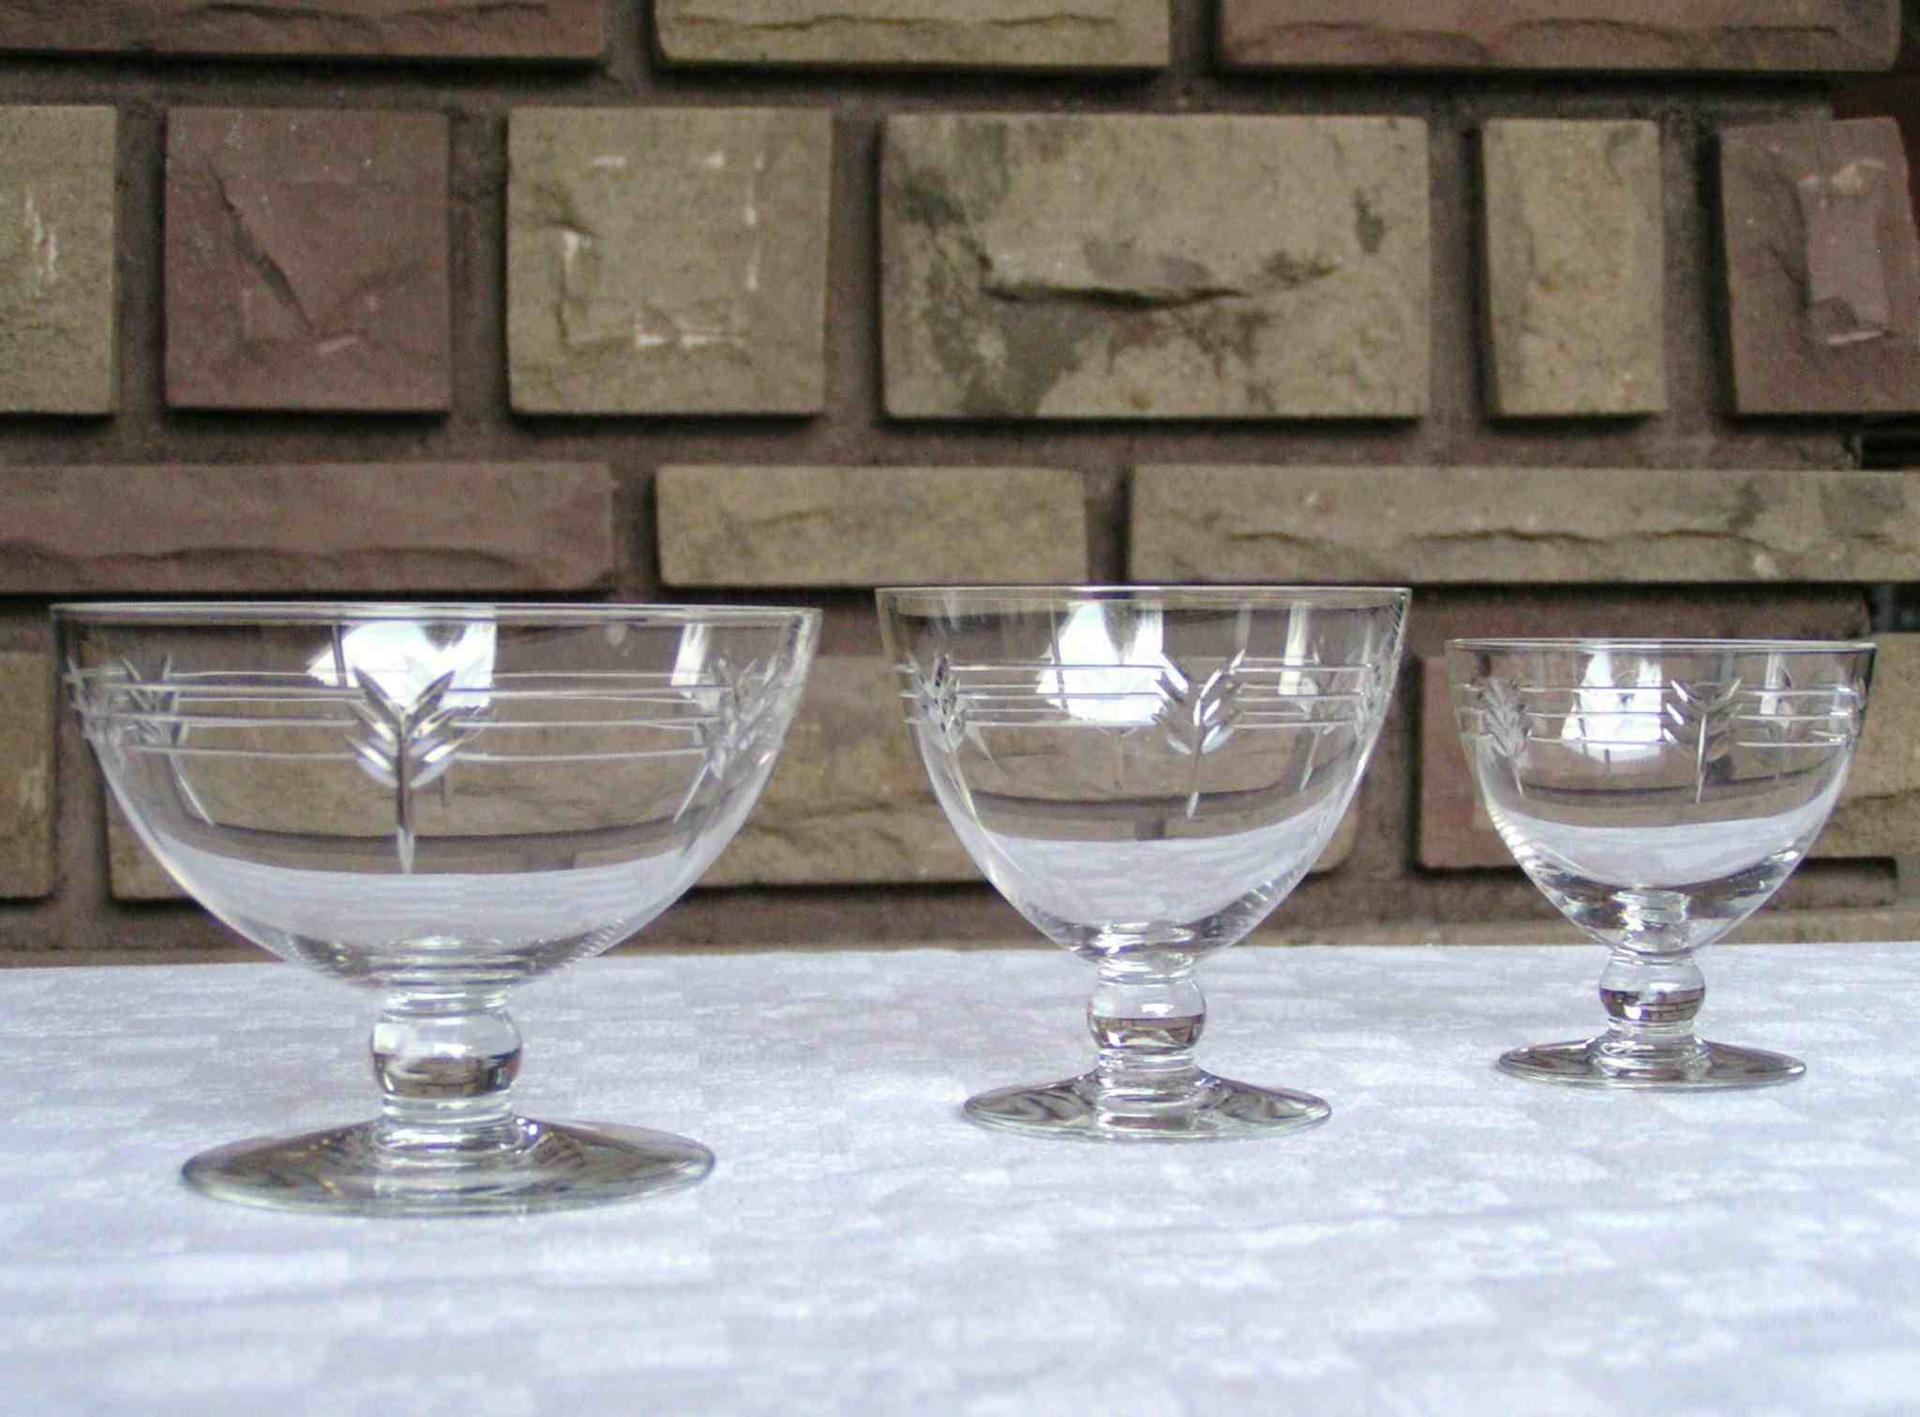 verres cristal baccarat service cap ferrat. Black Bedroom Furniture Sets. Home Design Ideas